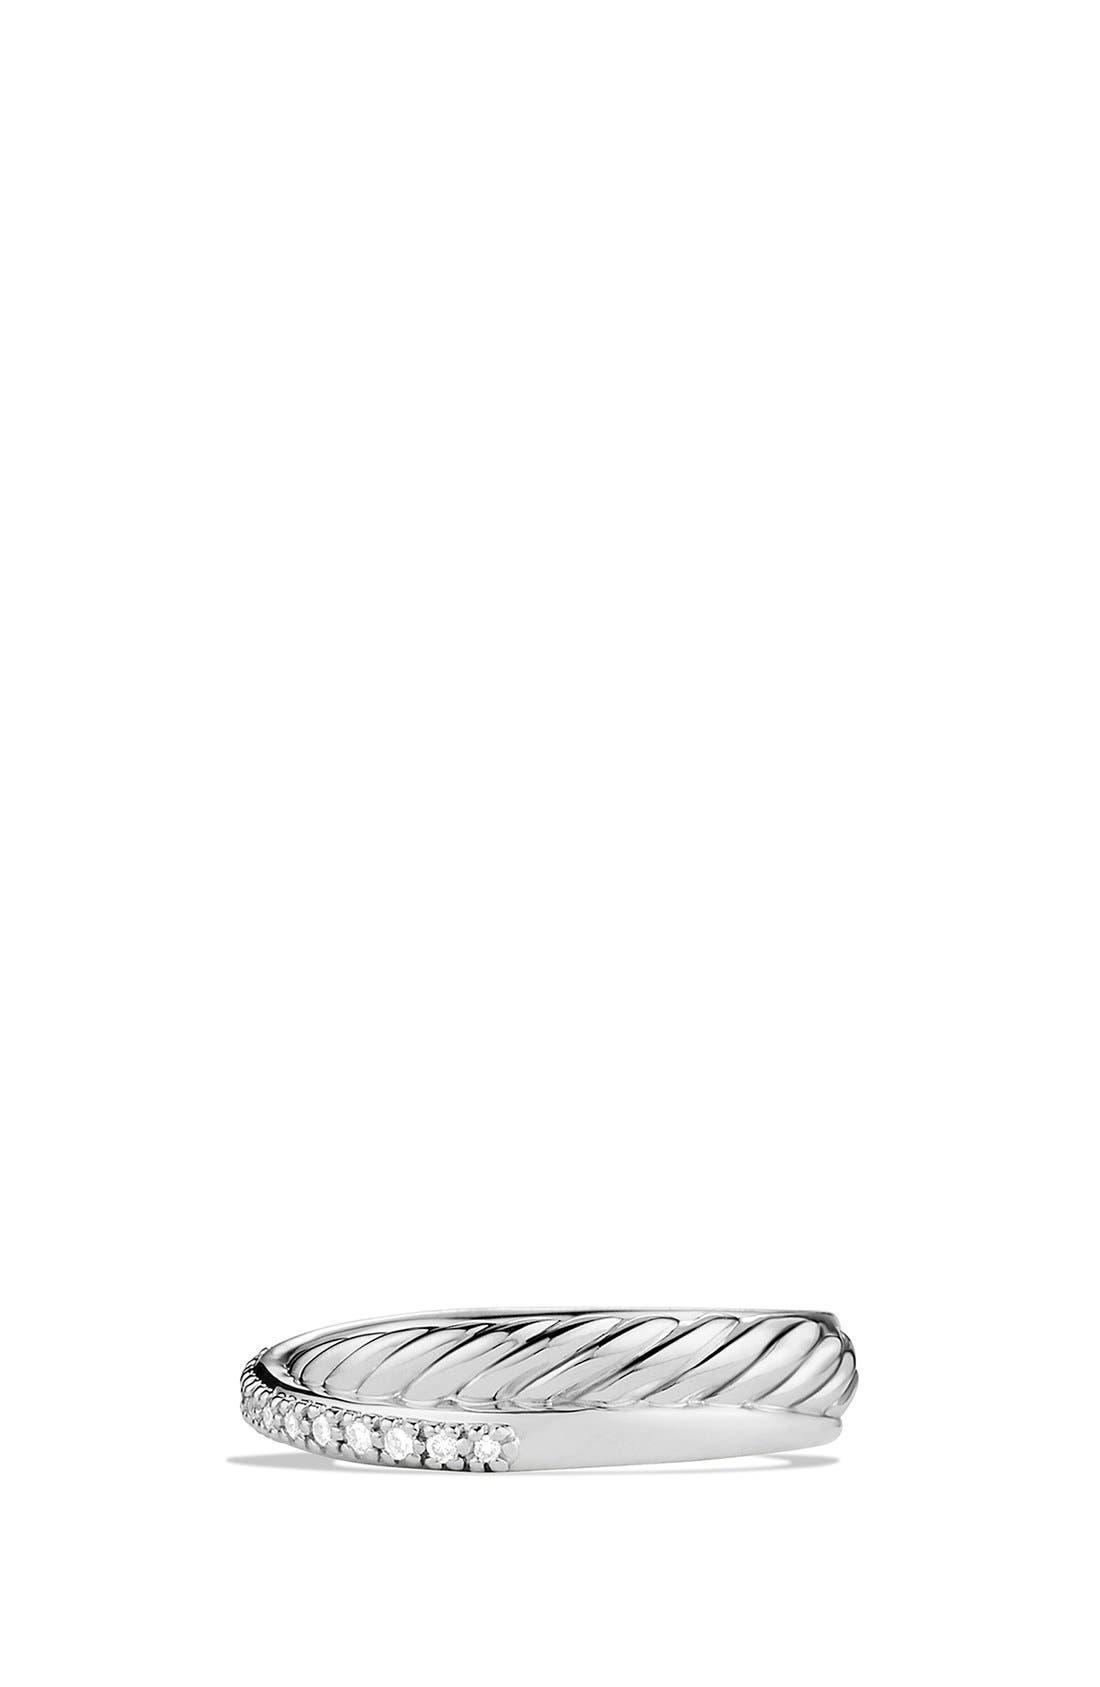 Alternate Image 3  - David Yurman 'Crossover' Ring with Diamonds